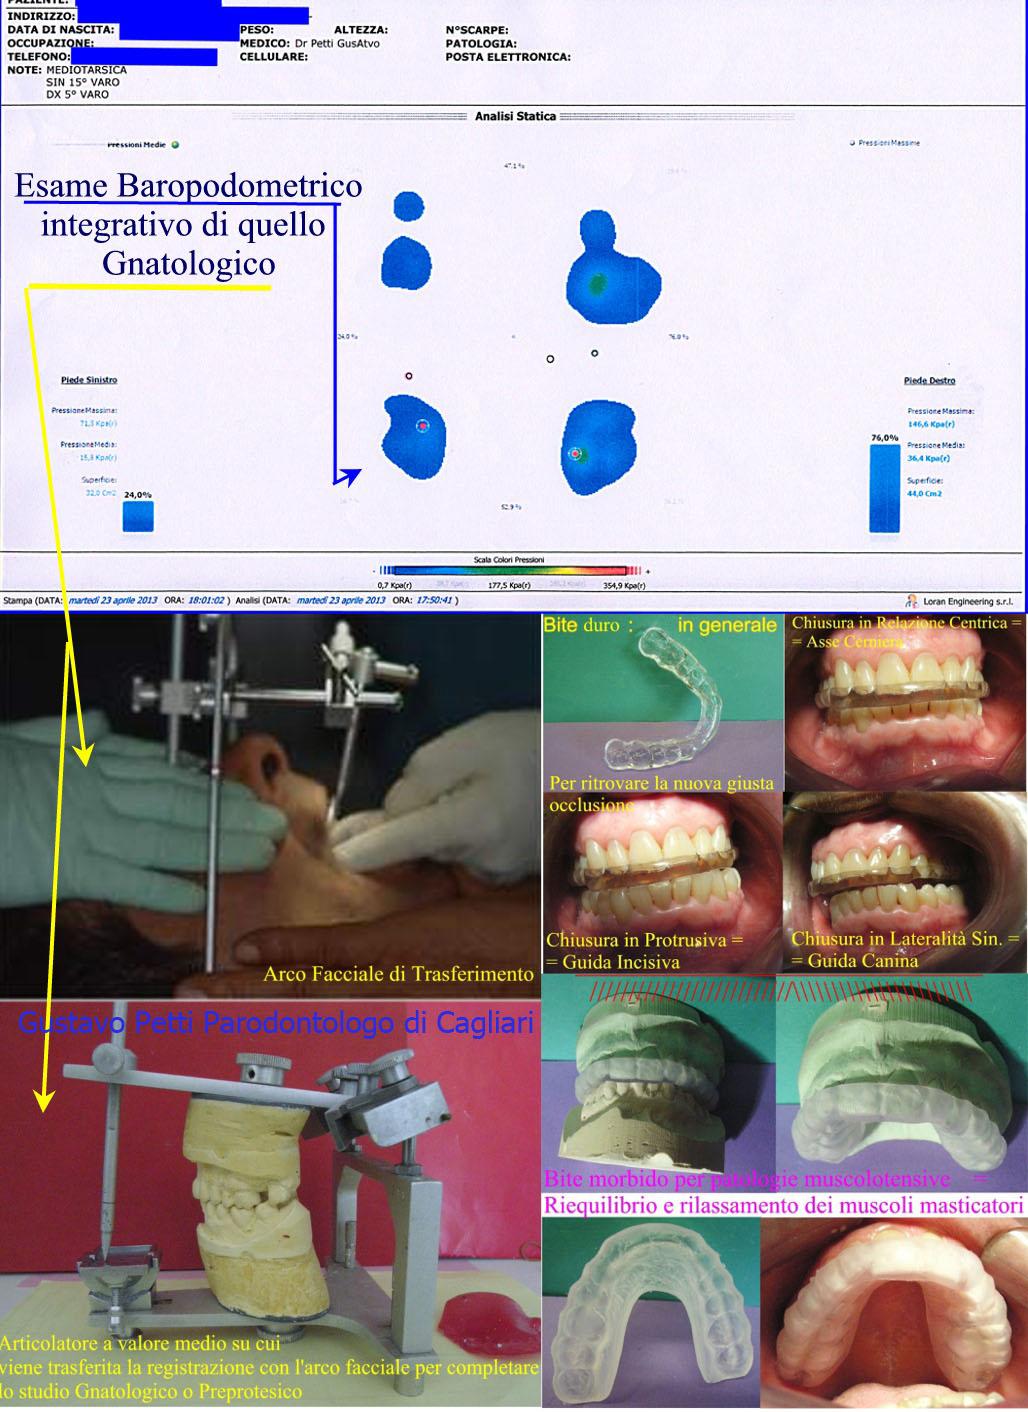 gnatologia-dr-g.petti-cagliari-0211.jpg